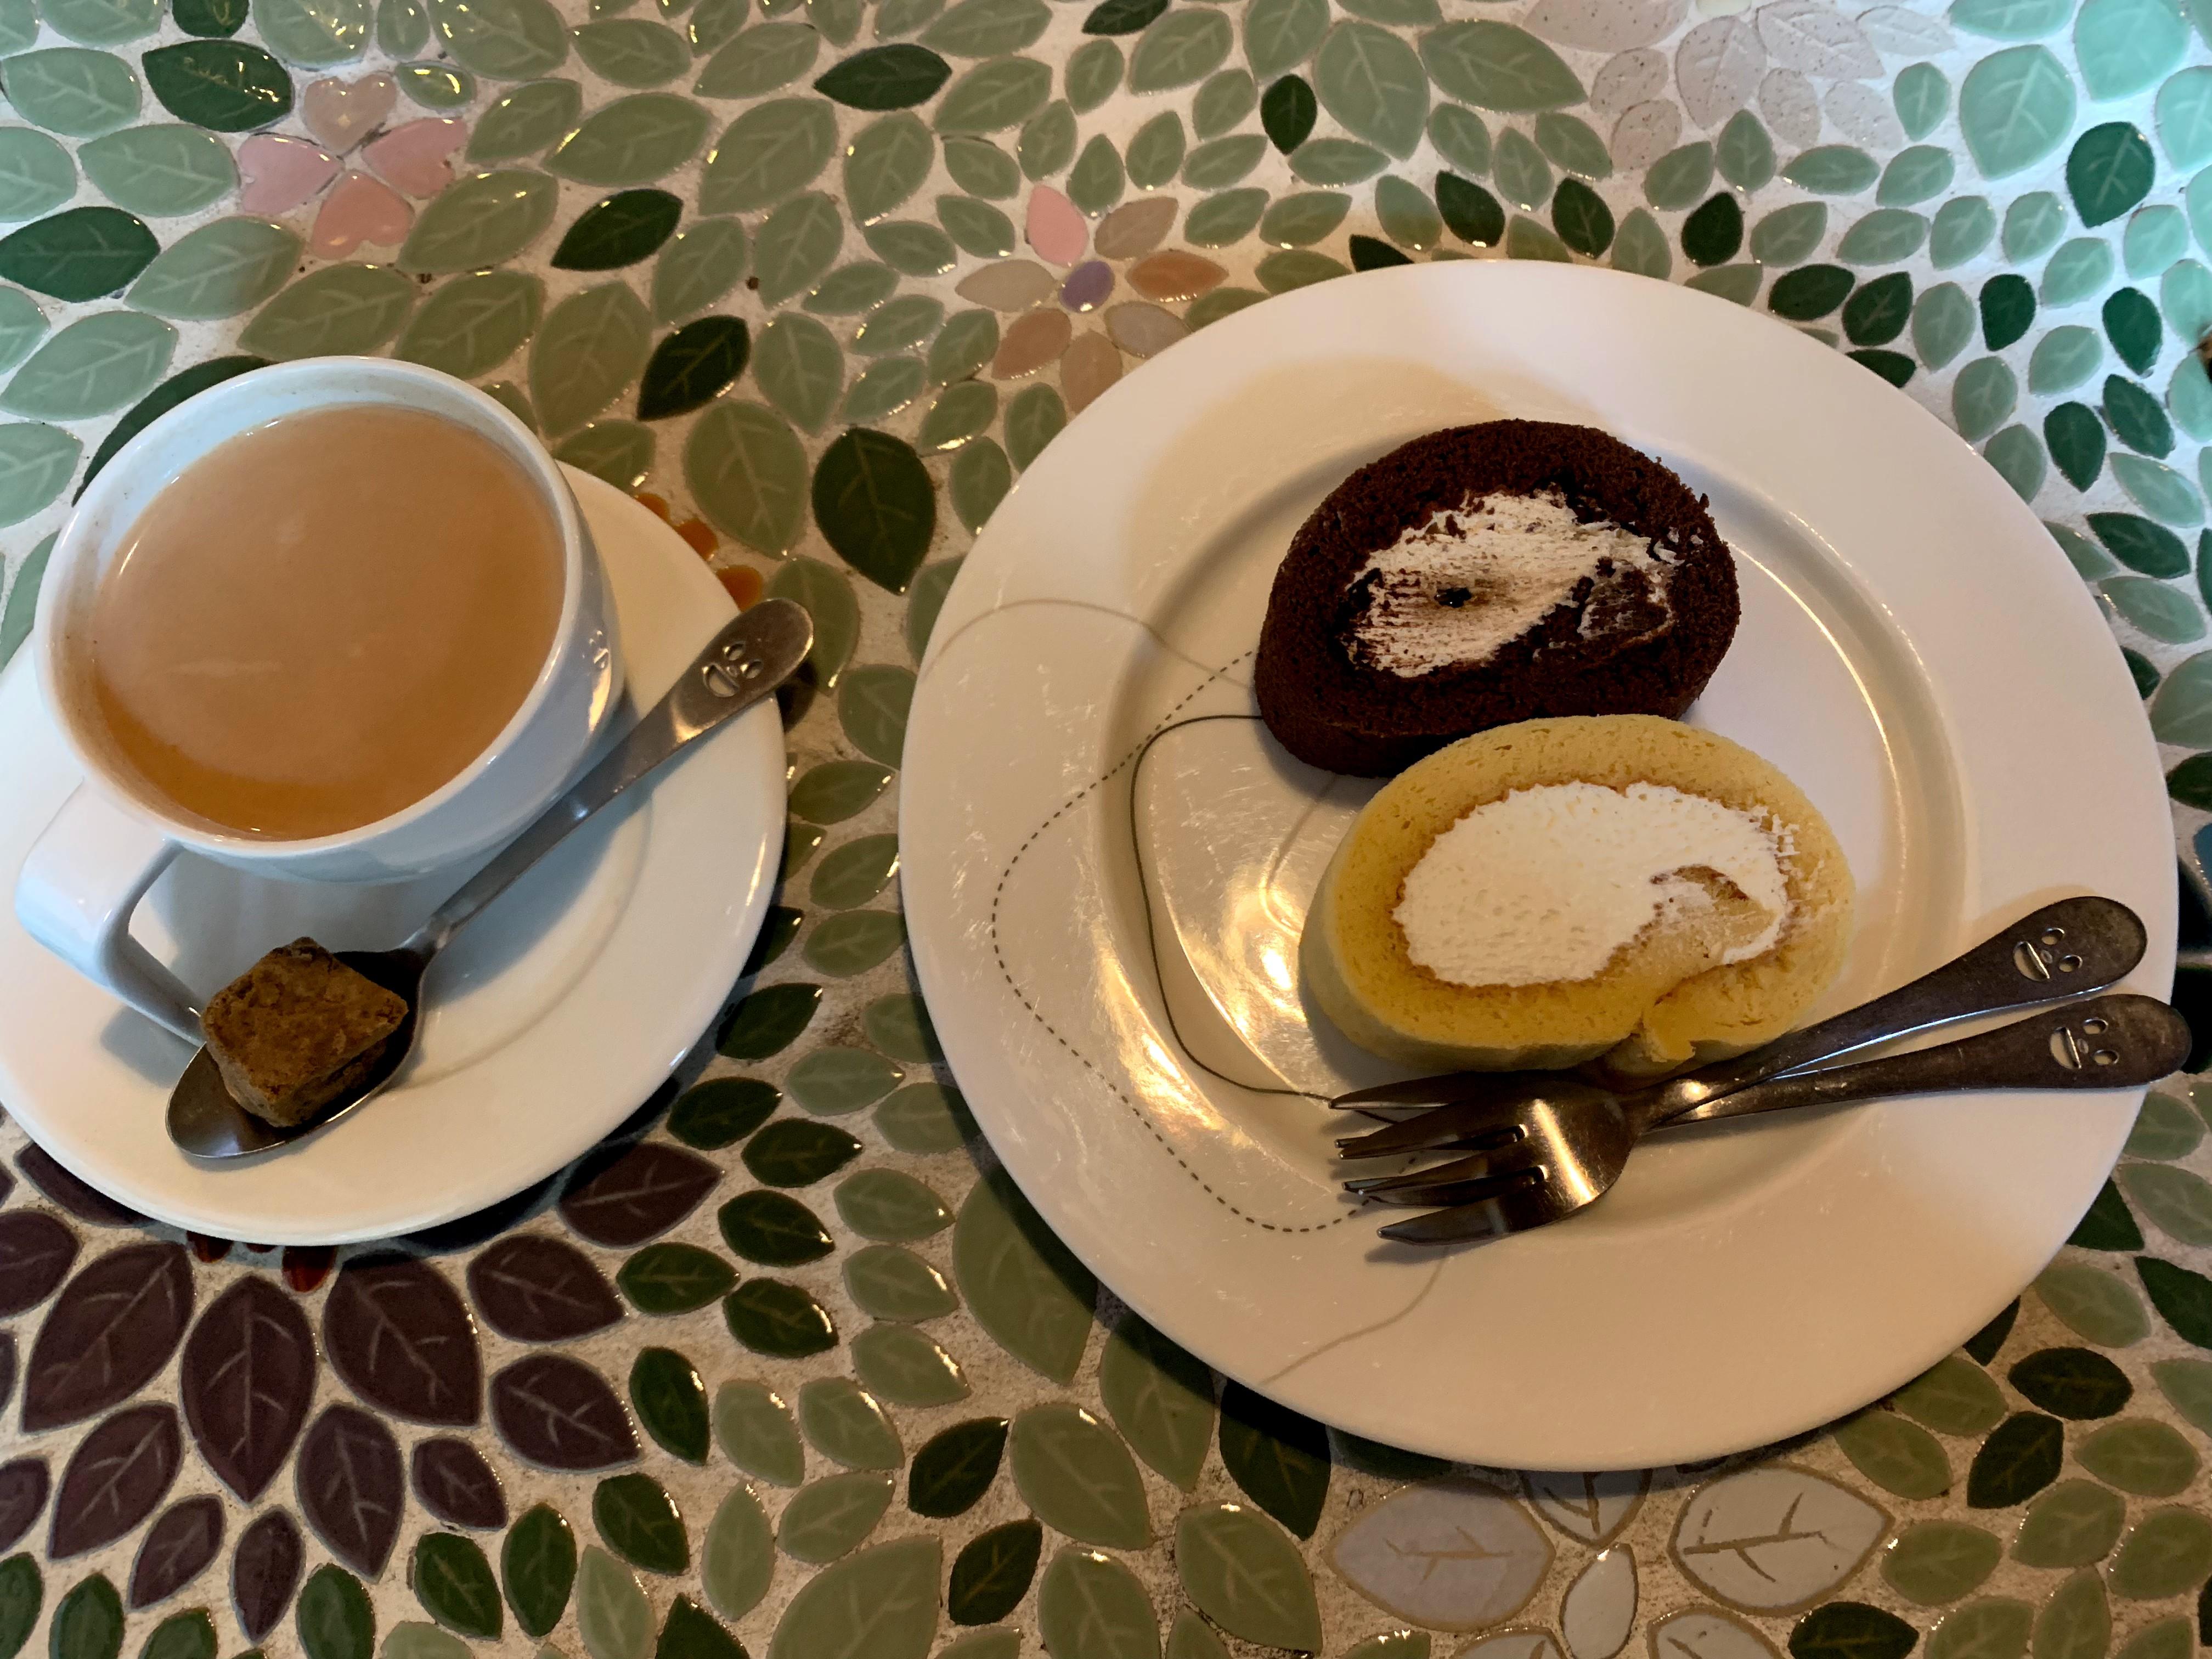 島を訪れるなら行って欲しい。味・雰囲気・コスパが揃ったモイストロールカフェ(与那国 / 沖縄)